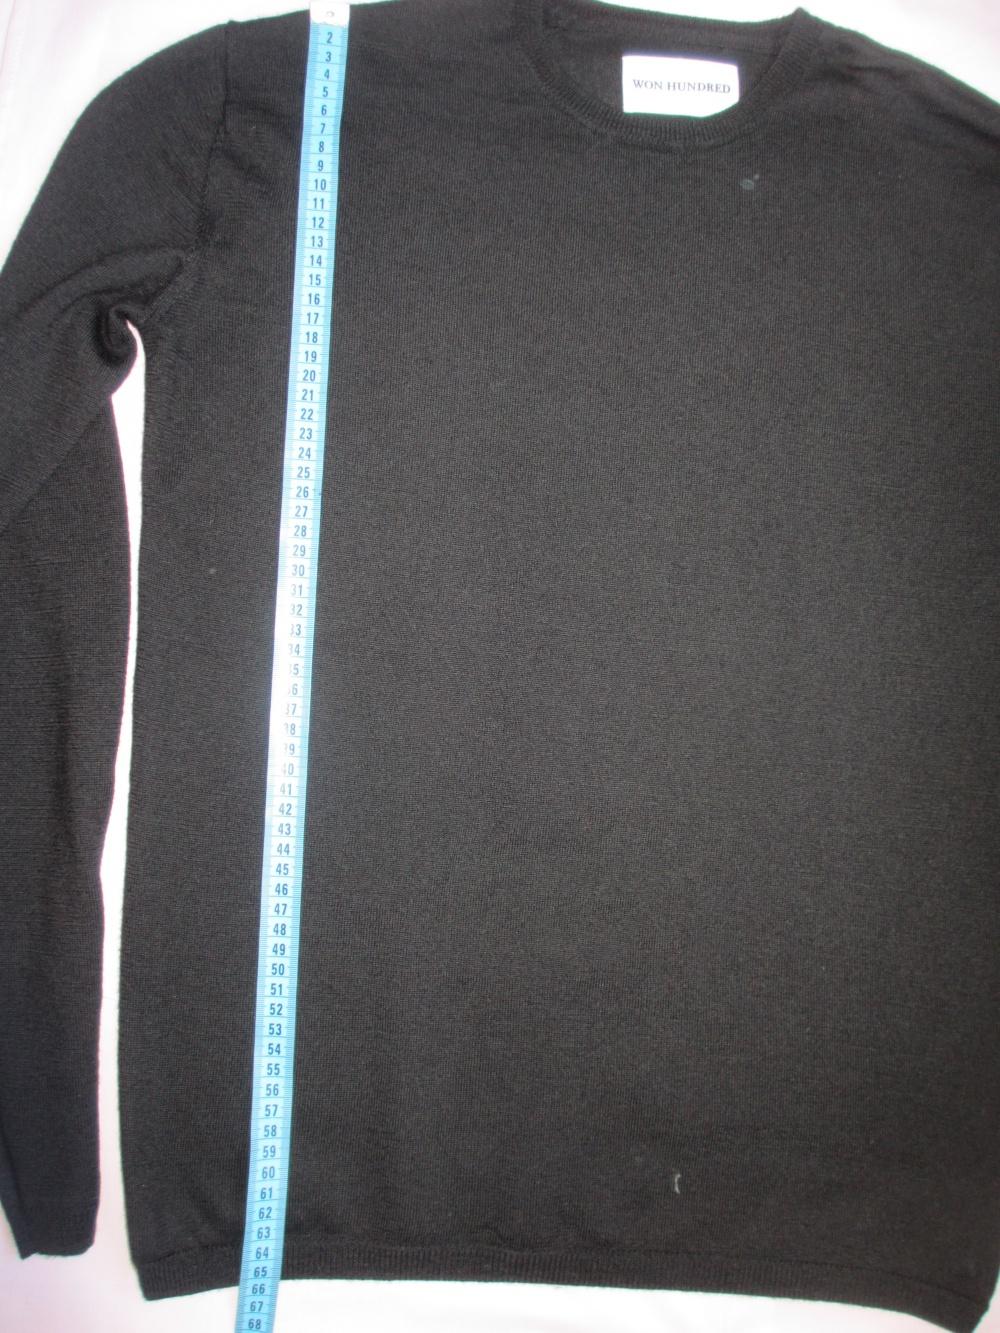 Черный свитер WON HUNDRED, размер S (большемерный)